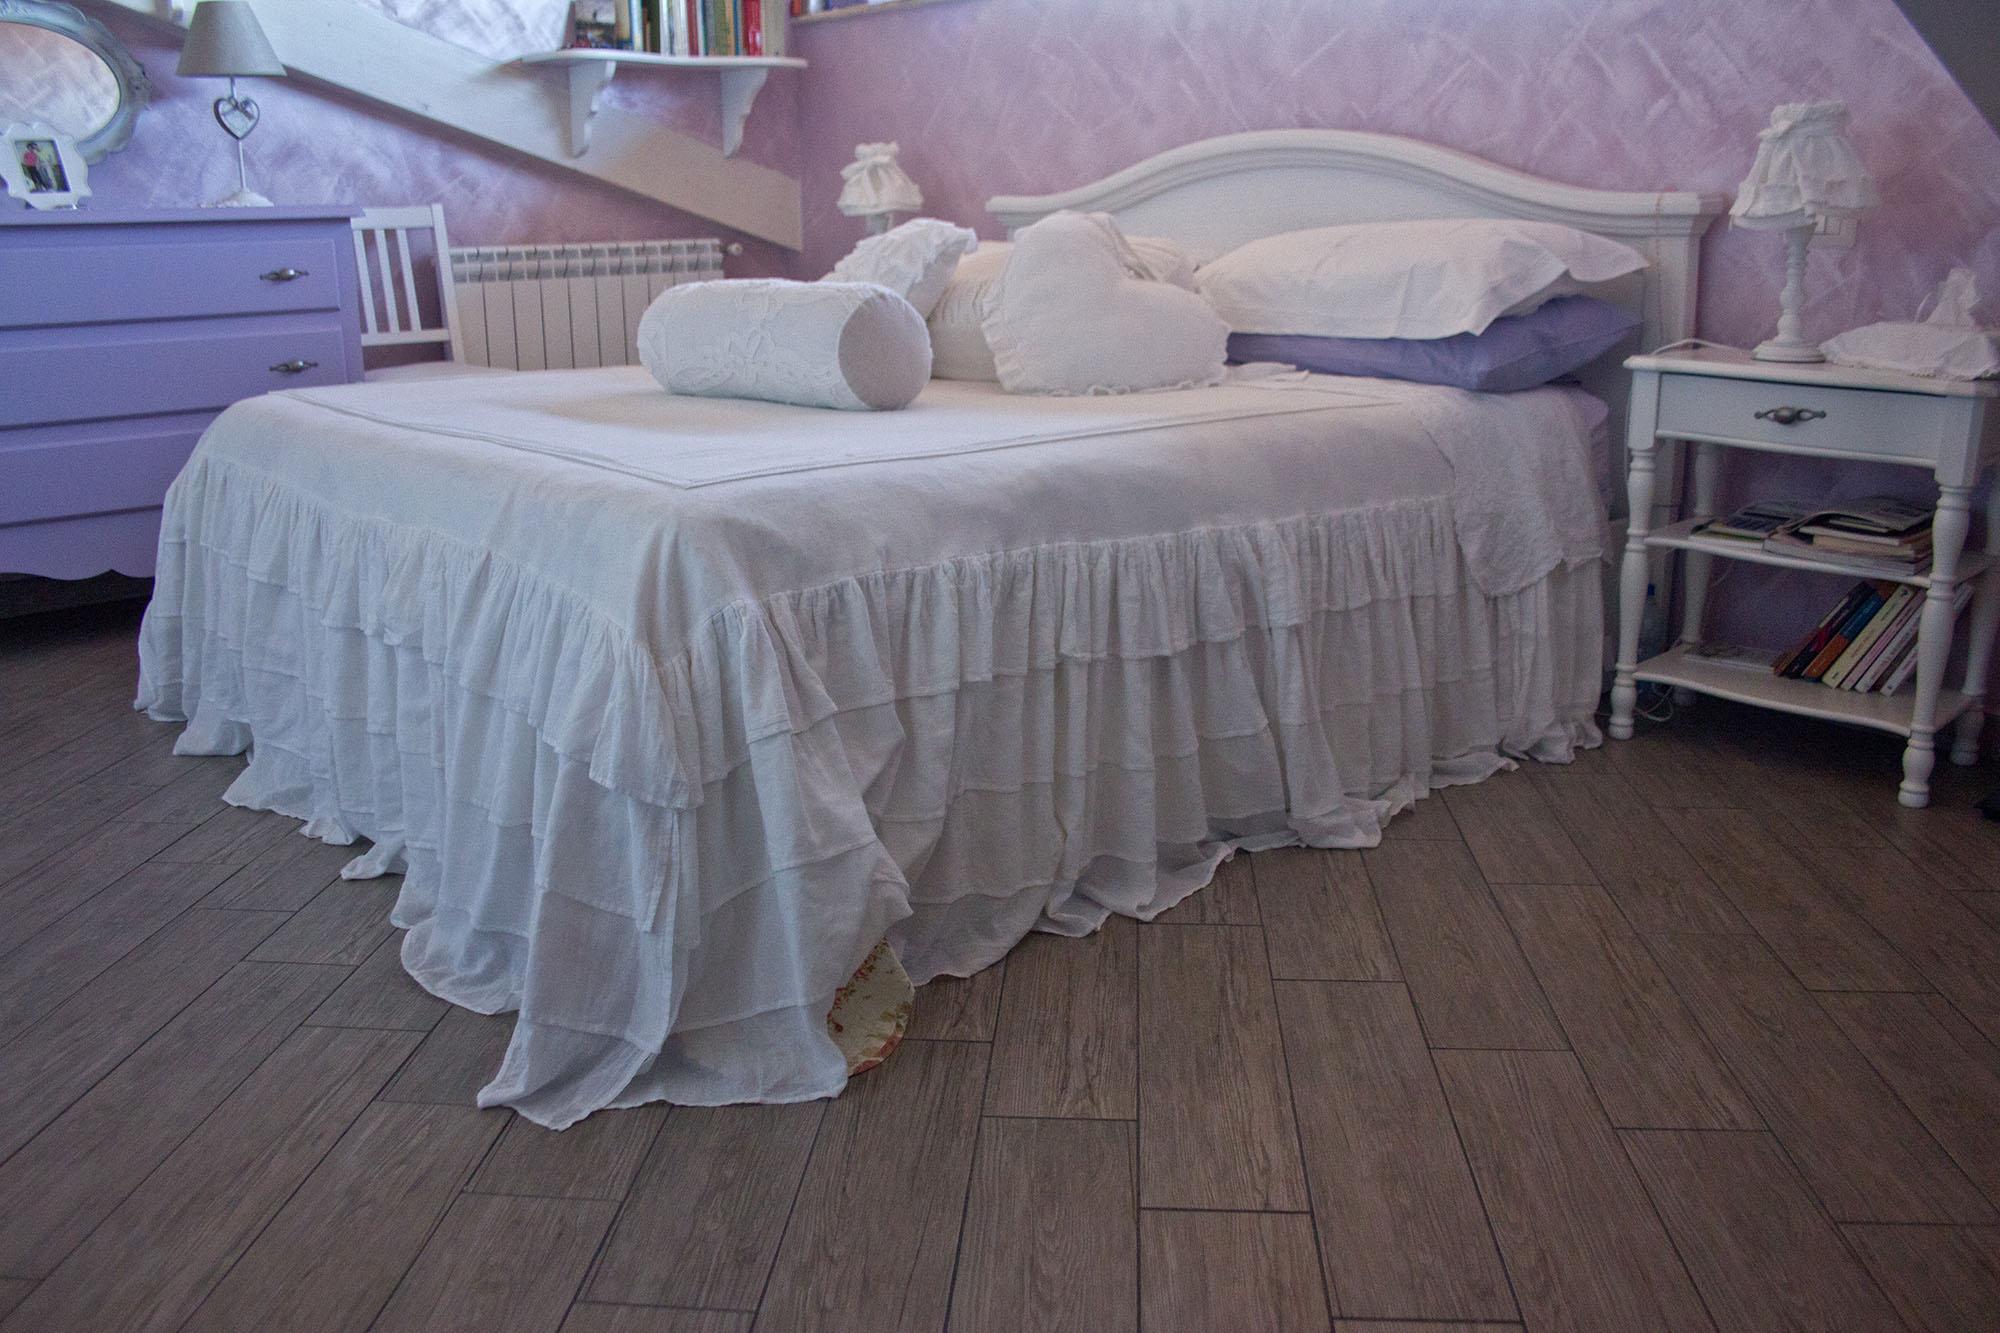 Camera da letto su misura Mastro Geppetto Roma falegnameria (1)